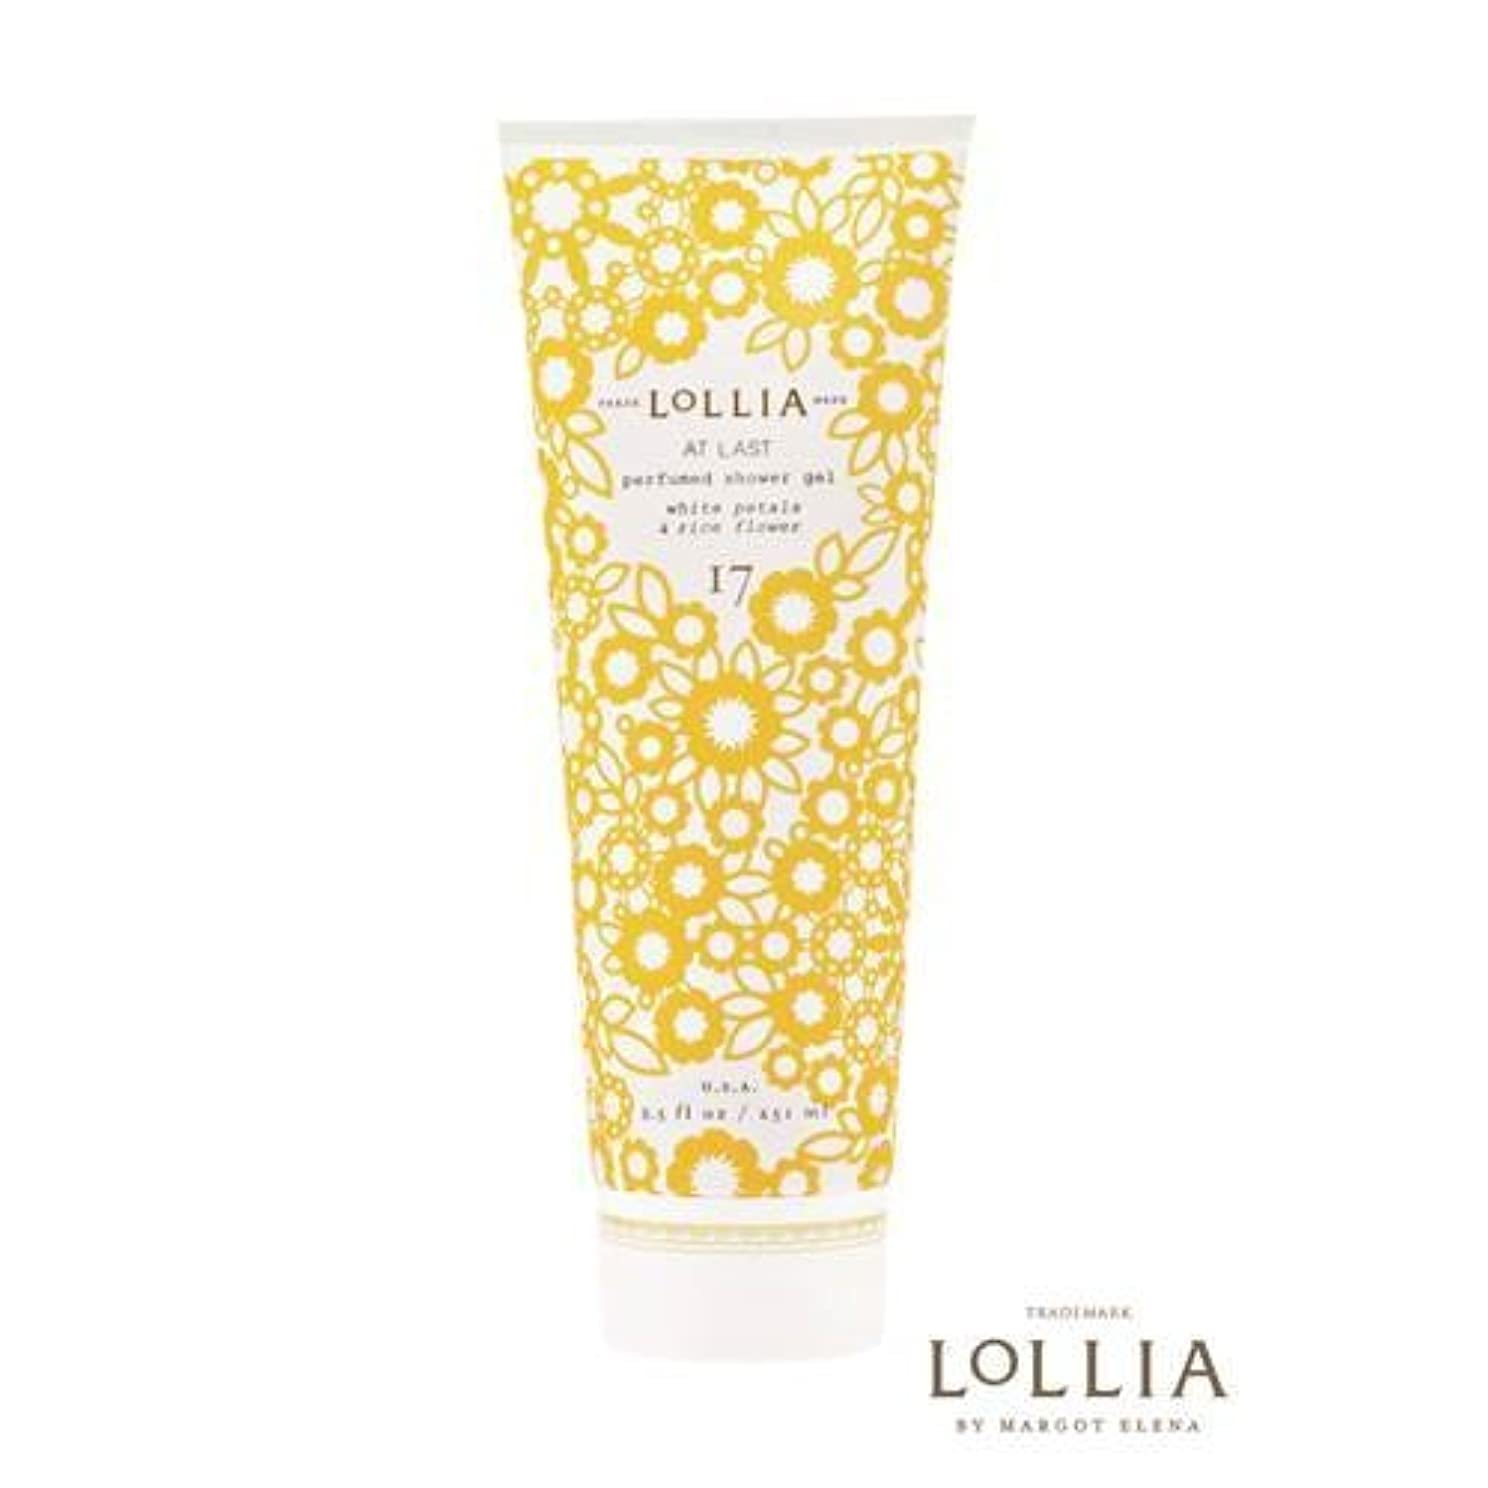 疼痛シード神話ロリア(LoLLIA) パフュームドシャワージェル AtLast 251ml(全身用洗浄料 ボディーソープ ライスフラワー、マグノリアとミモザの柔らかな花々の香り)